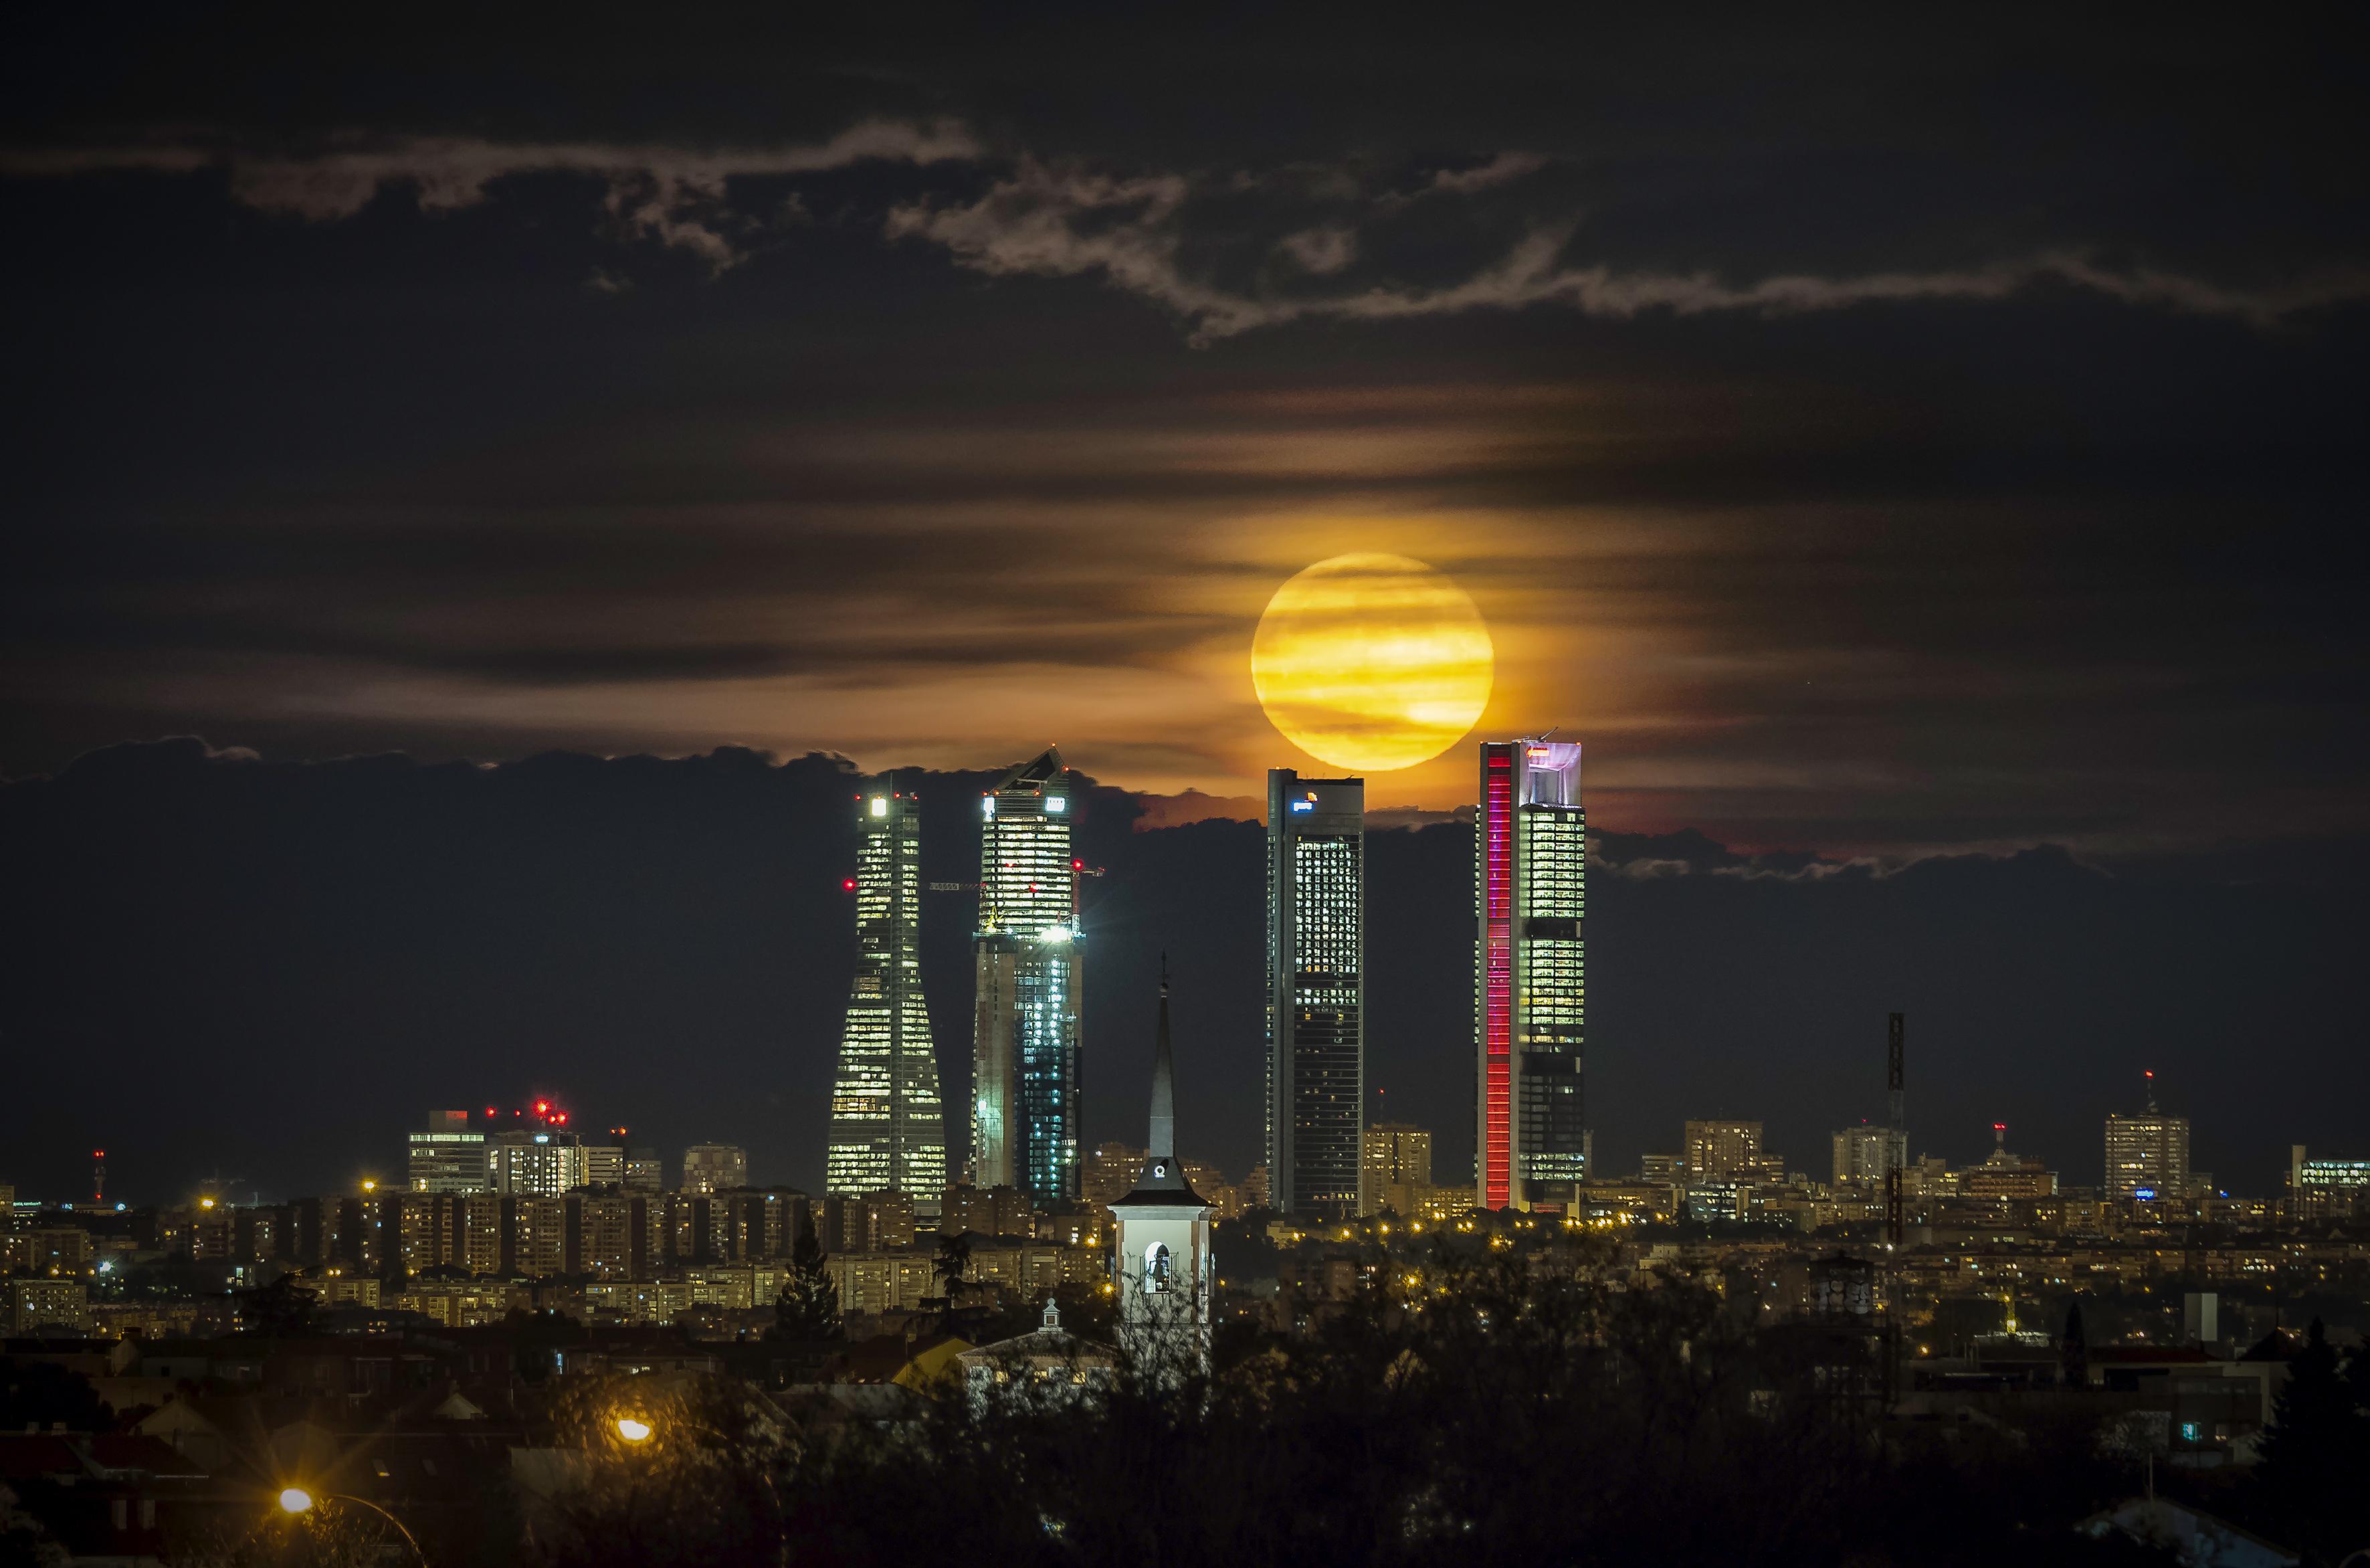 Sobre las torres